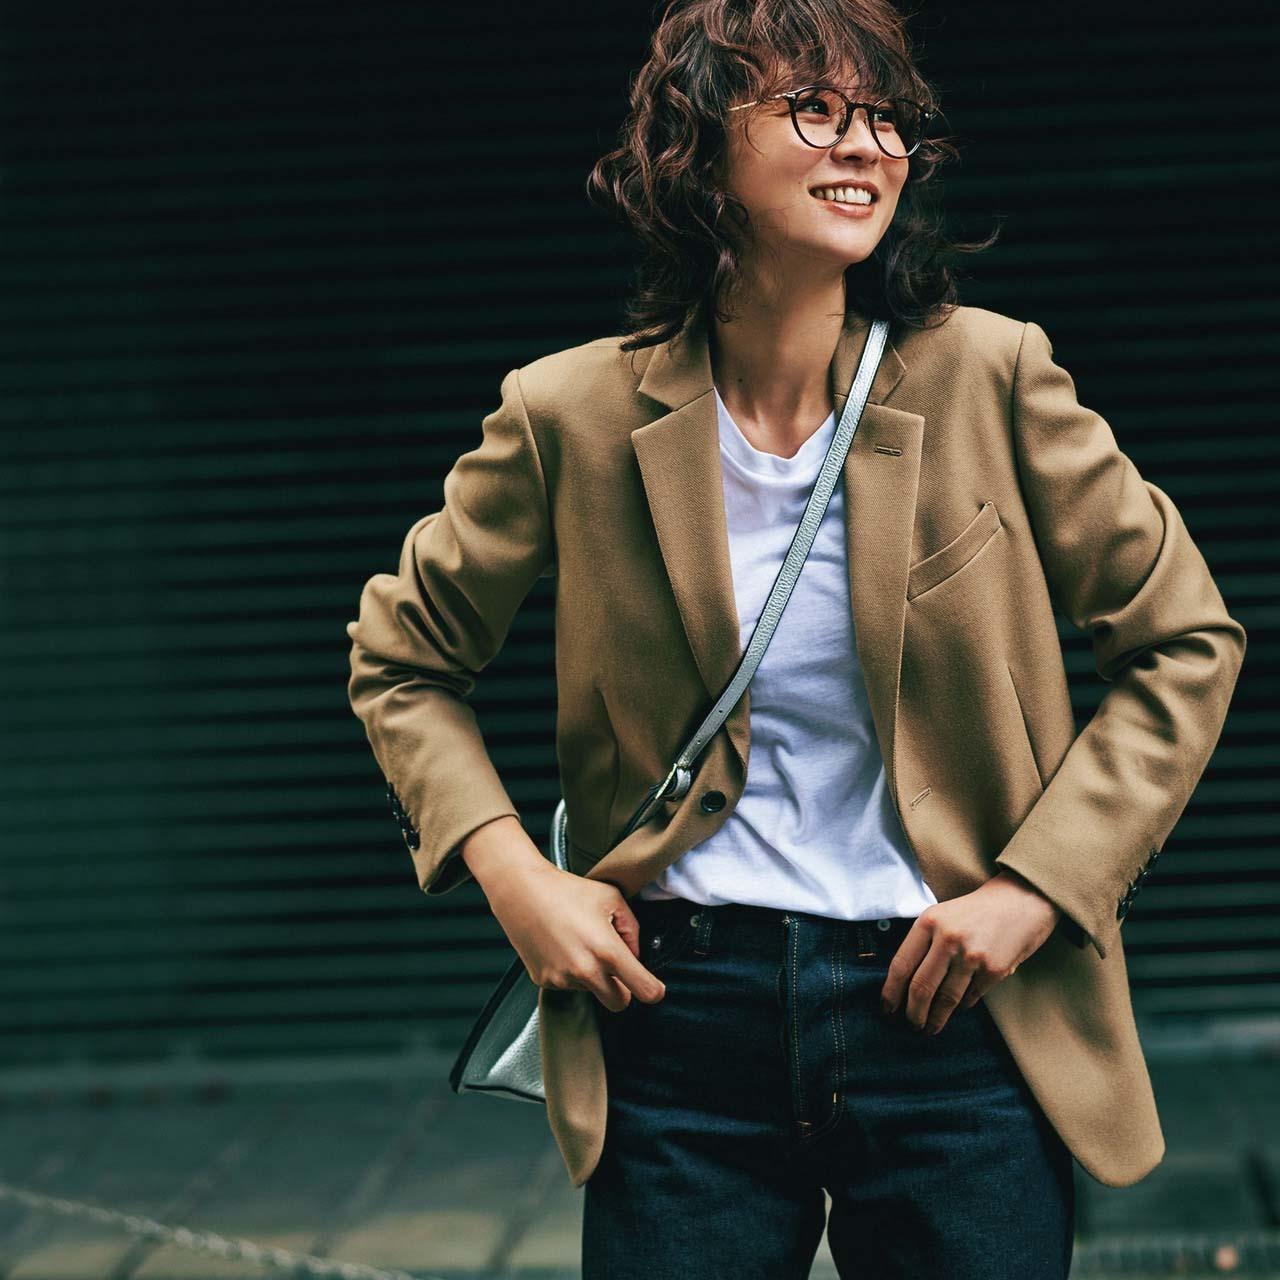 キャメルのテーラードジャケット×デニムのファッションコーデ